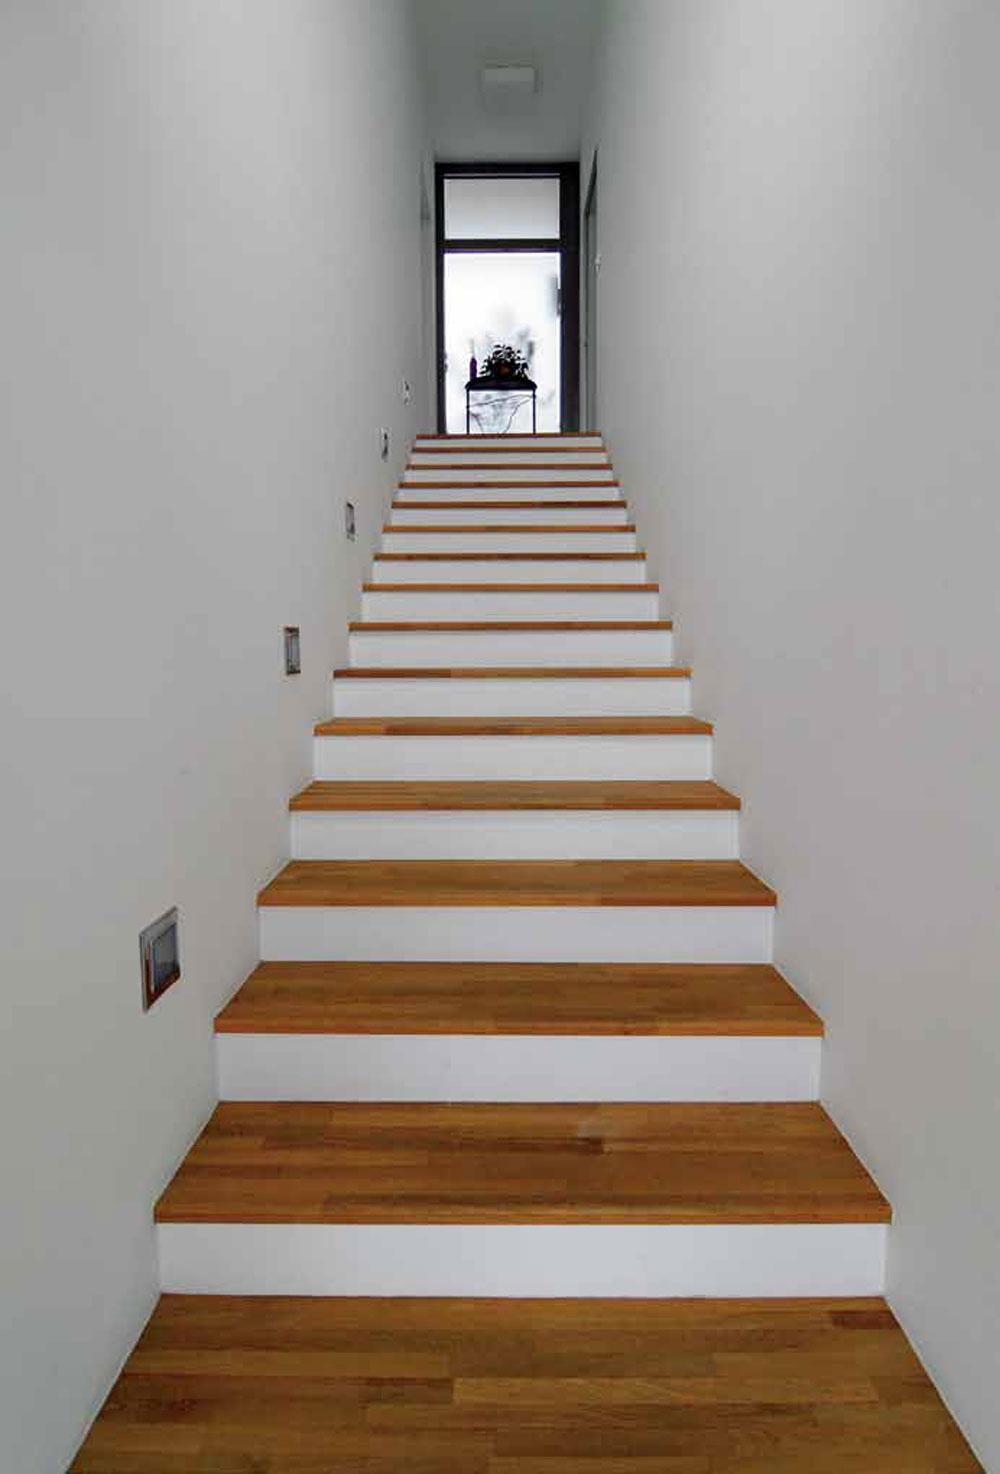 Zobytnej zóny vedie do vstupnej časti domu jednoduché schodisko.